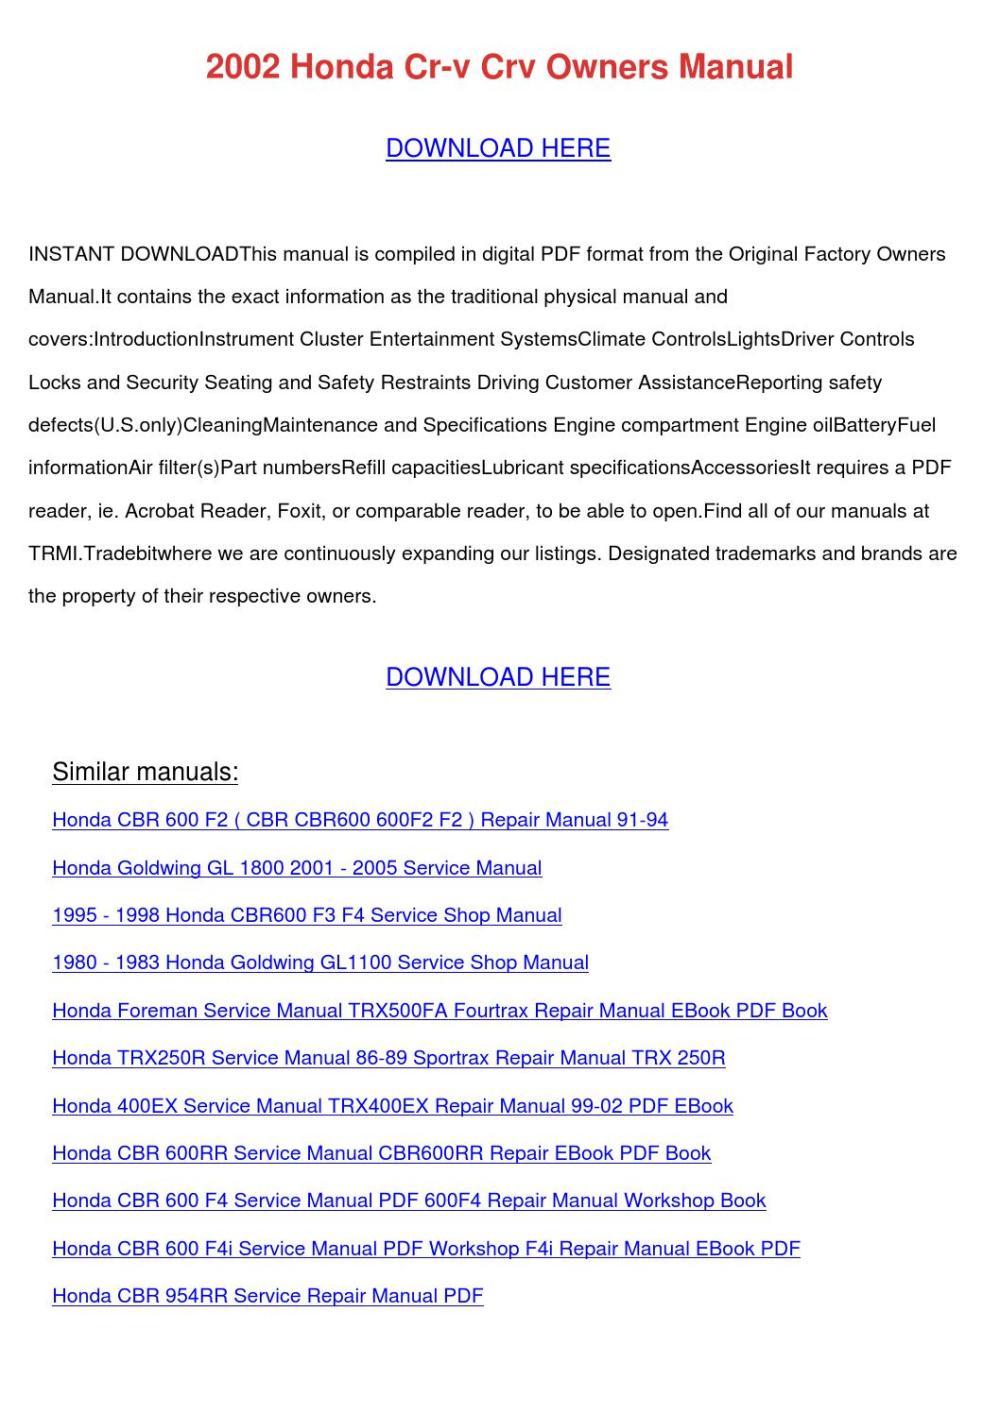 medium resolution of array 2002 honda cr v crv owners manual by dawnachaves issuu rh